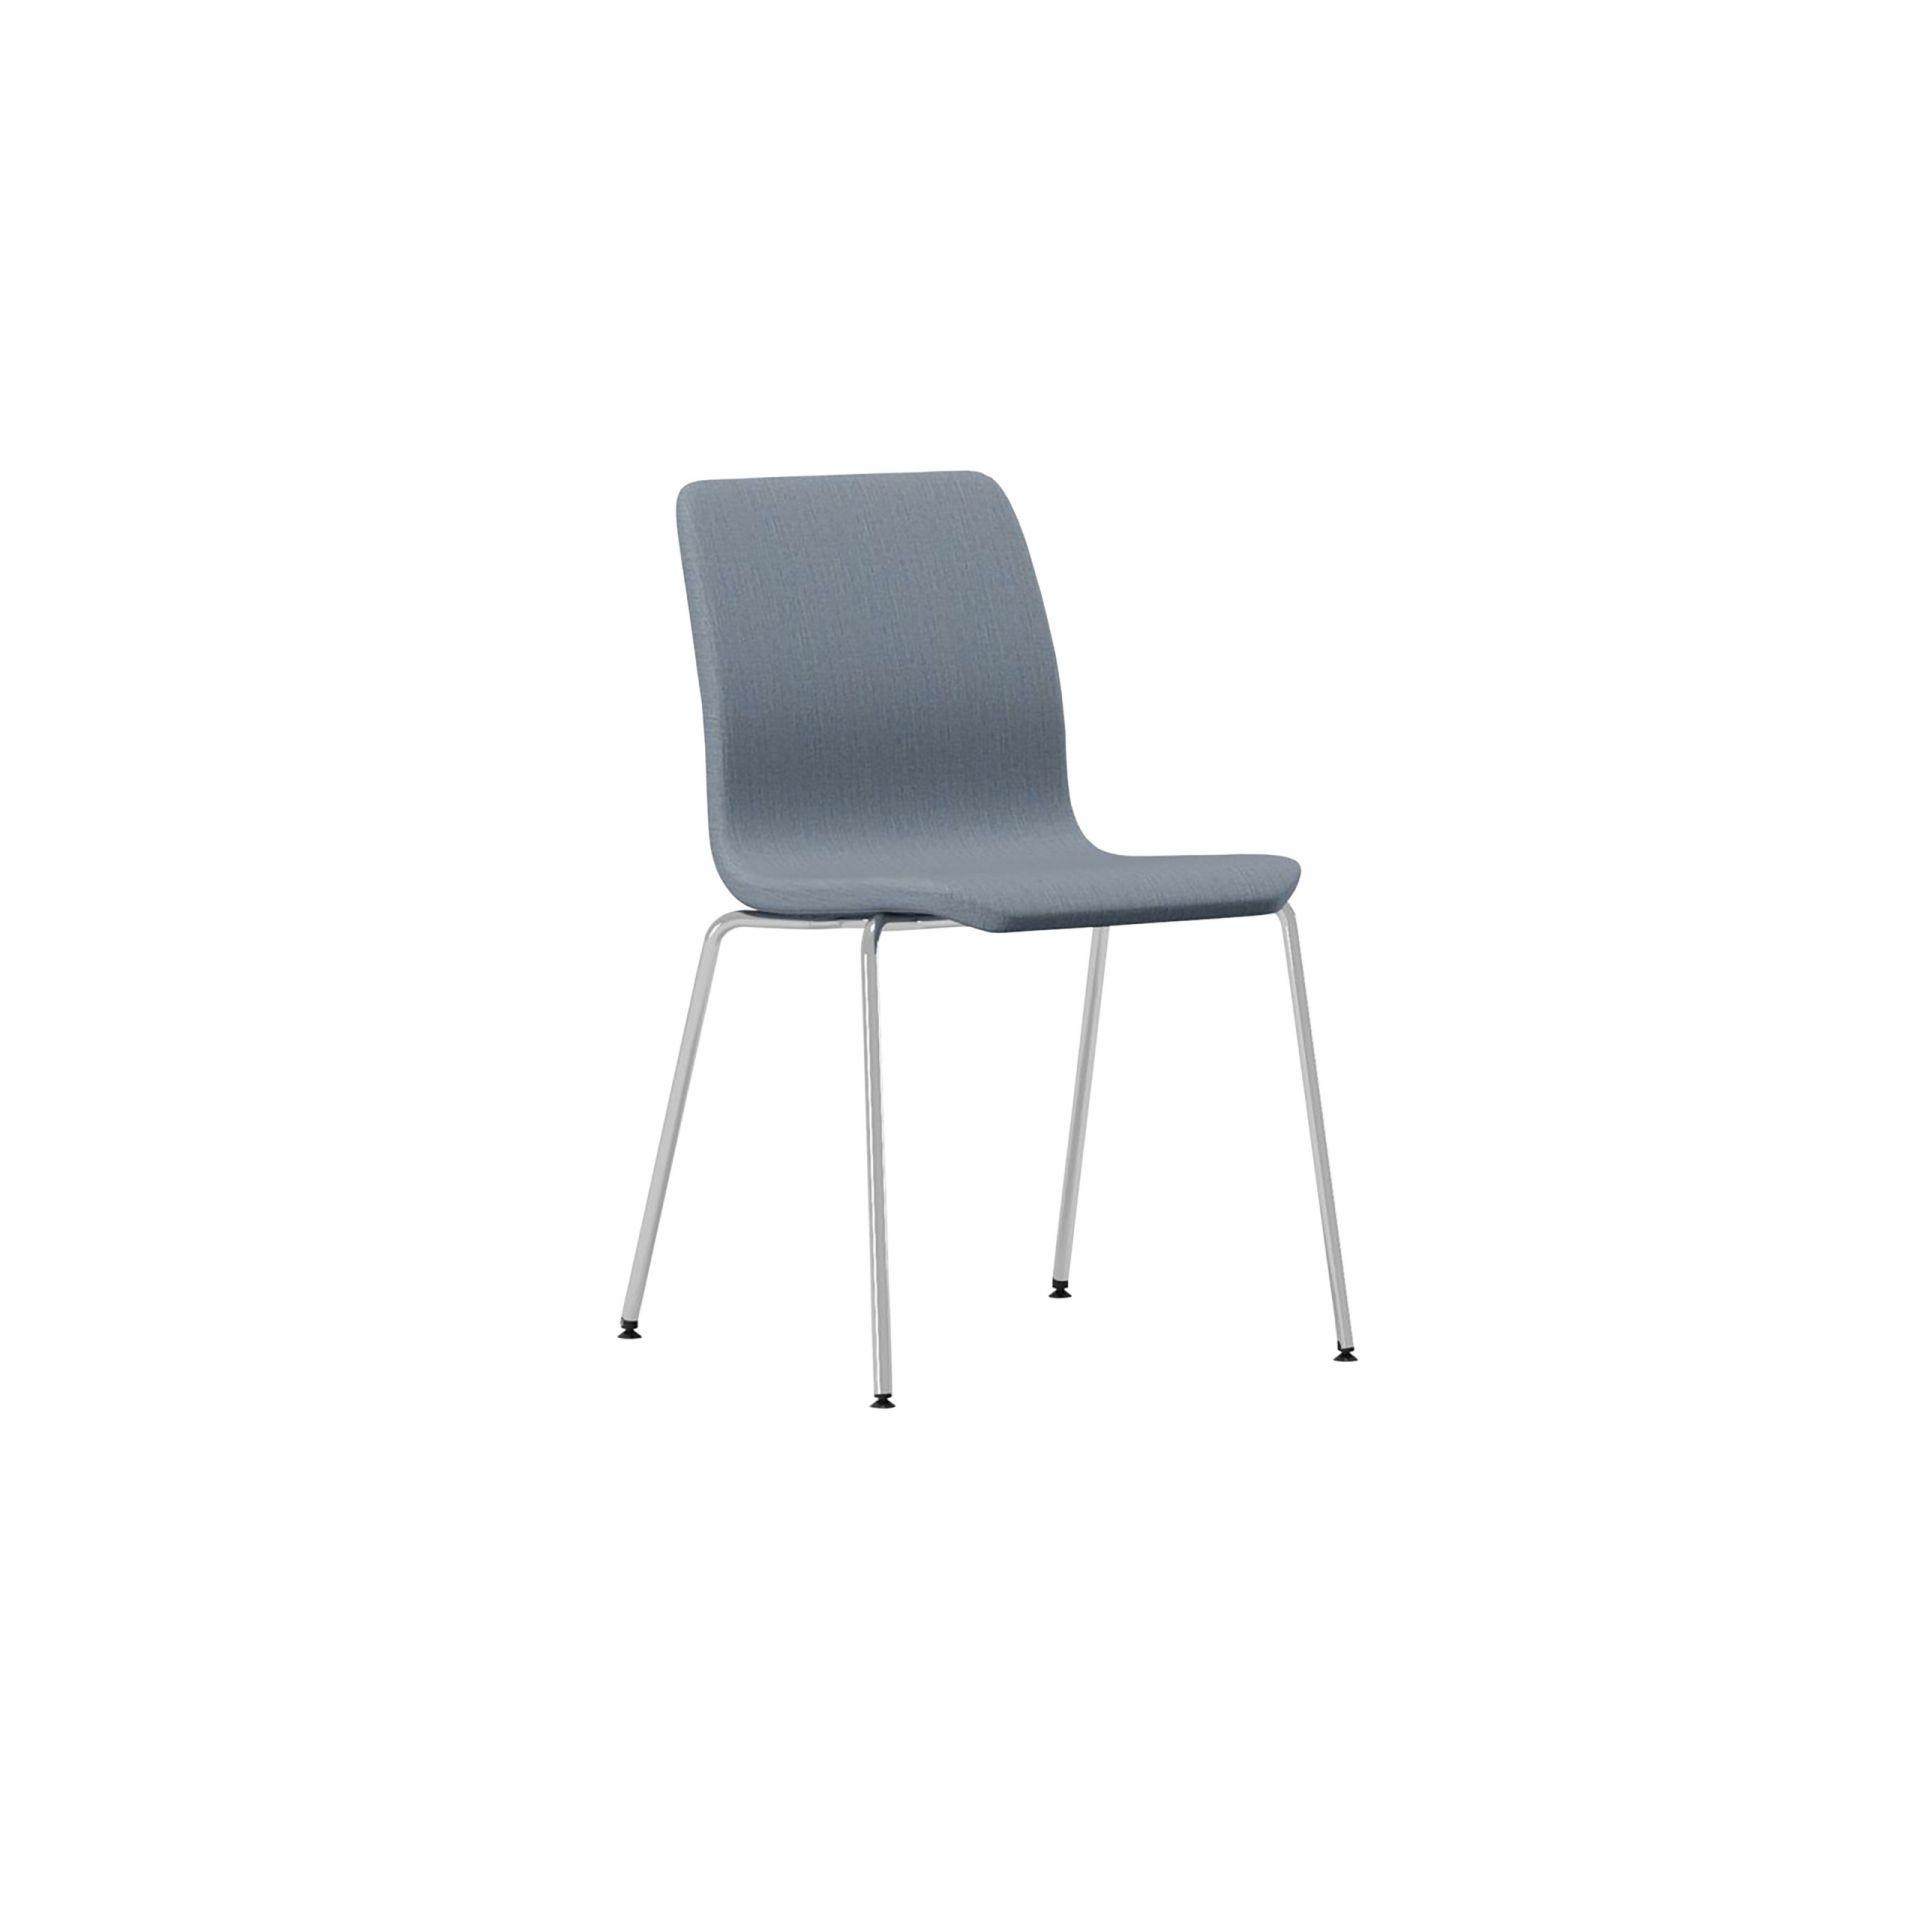 Nova Stol med metallben produktbild 1